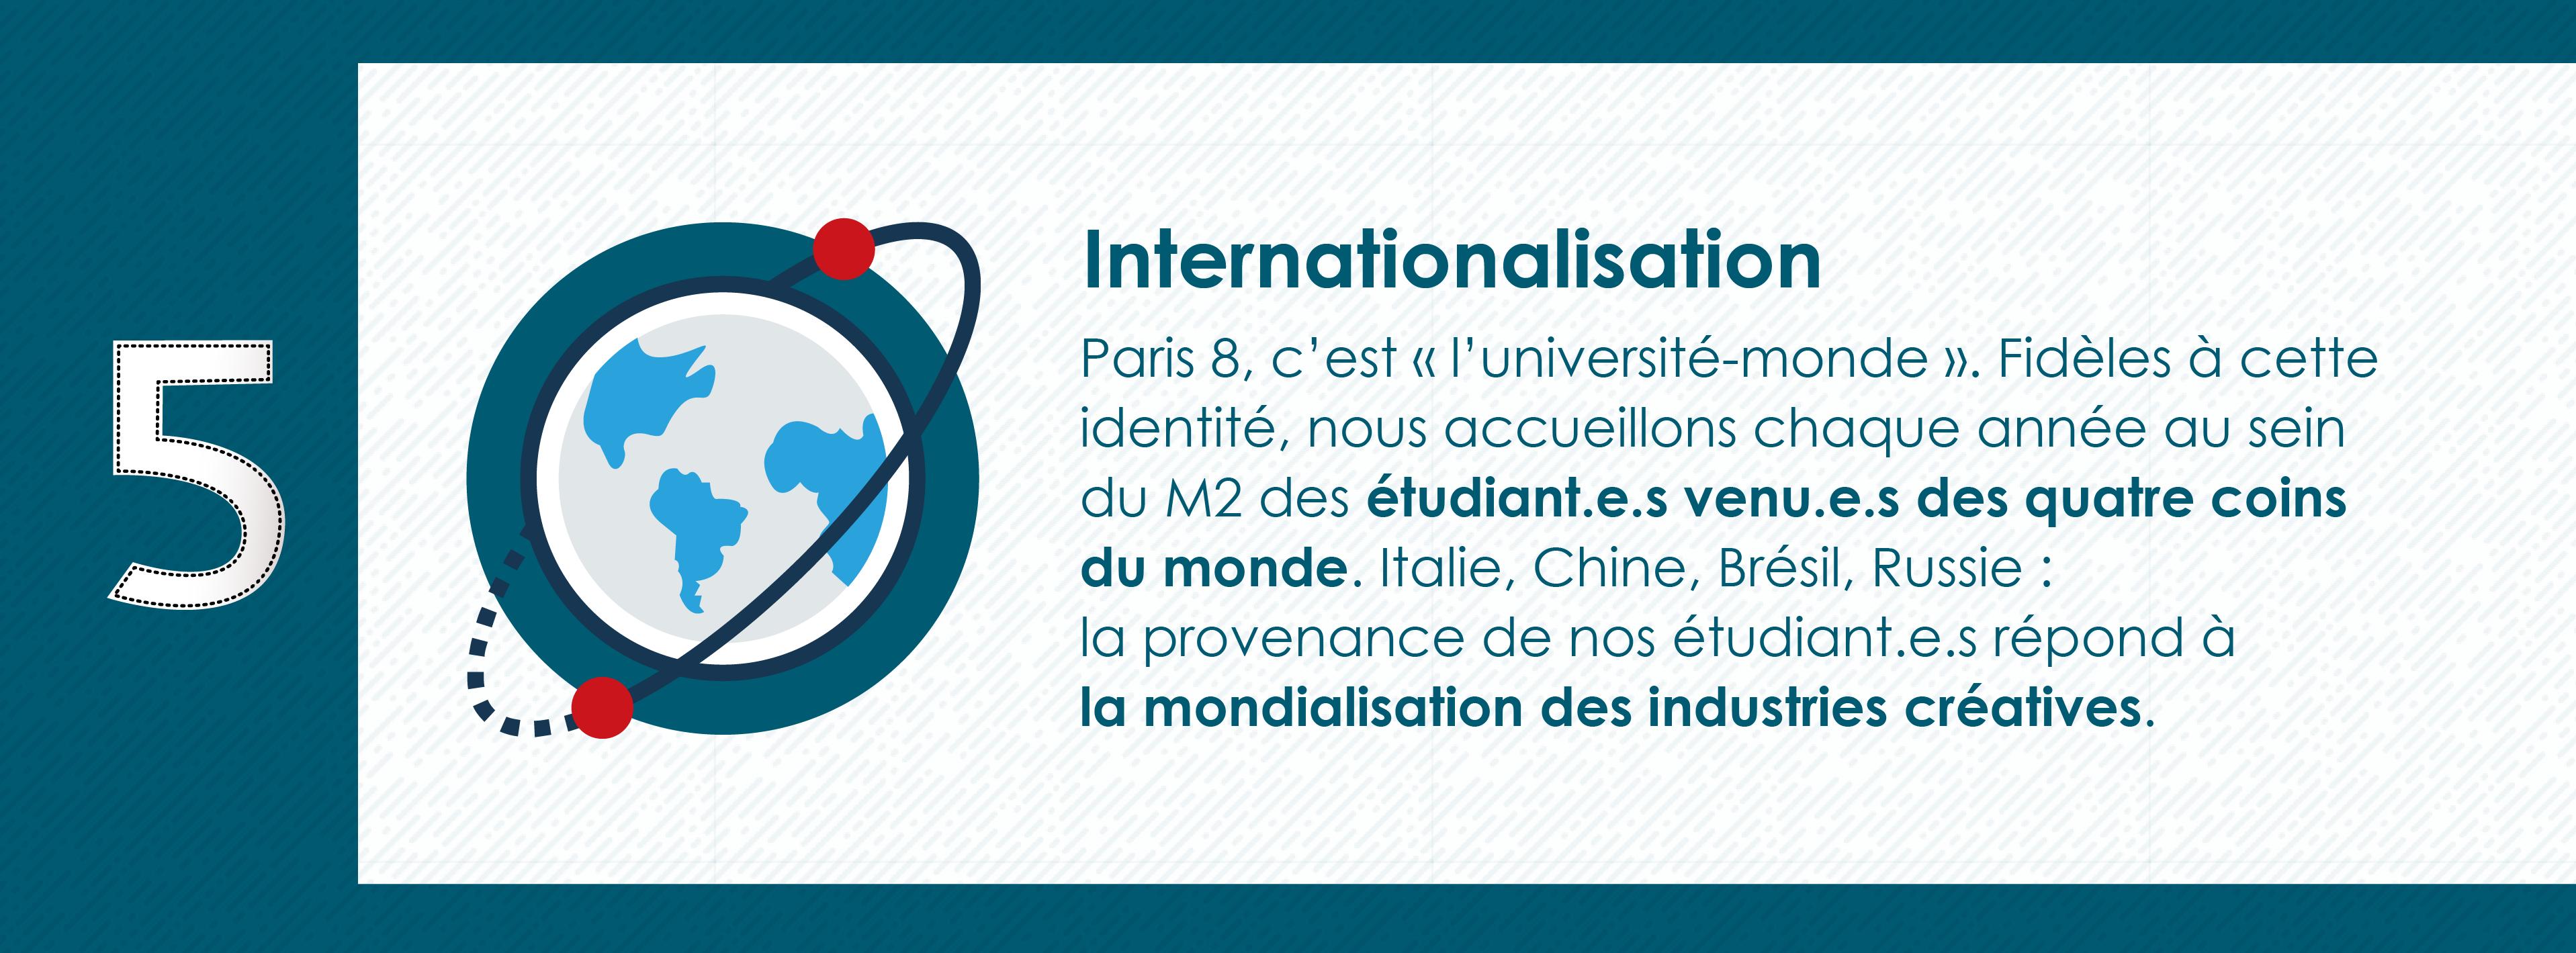 Pourquoi rejoindre le Master 2 Industrie Audiovisuelle de Paris 8 - Université Monde